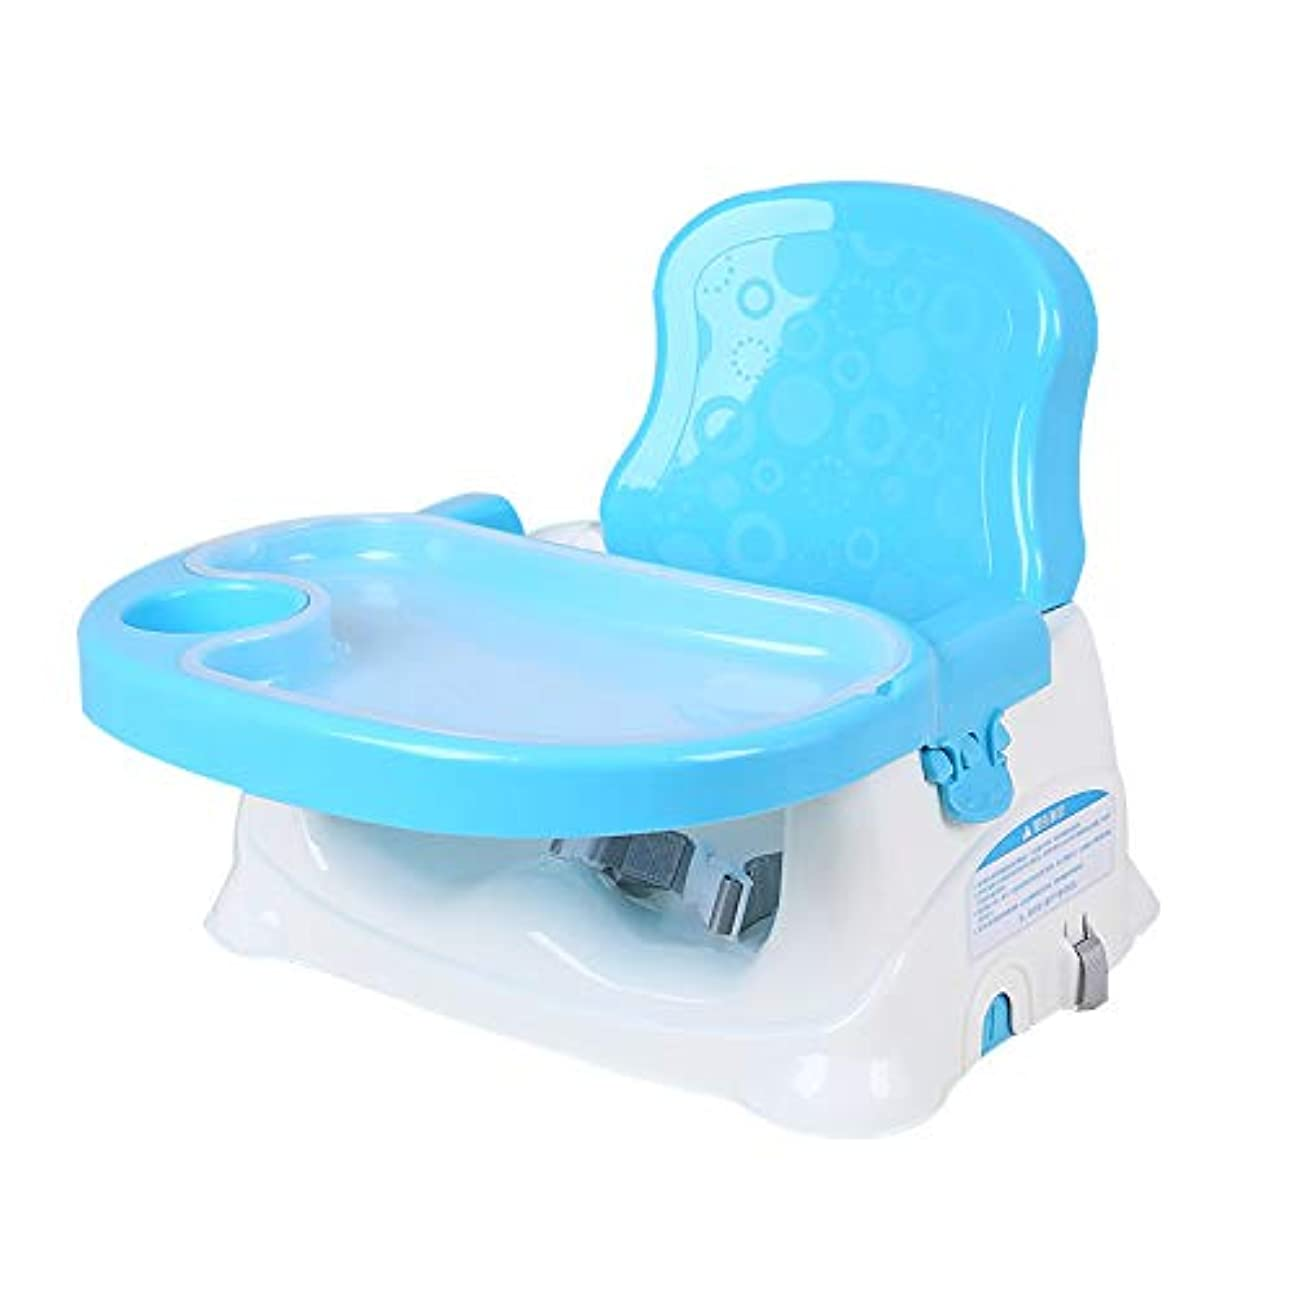 肉動かない必須赤ちゃん用 多機能 ベビーチェア 学習机 子供 お食事椅子 食事 おやつ 離乳食 テーブルチャア 脱出防止高さ調節可能椅子置き(6ヶ月~5才)